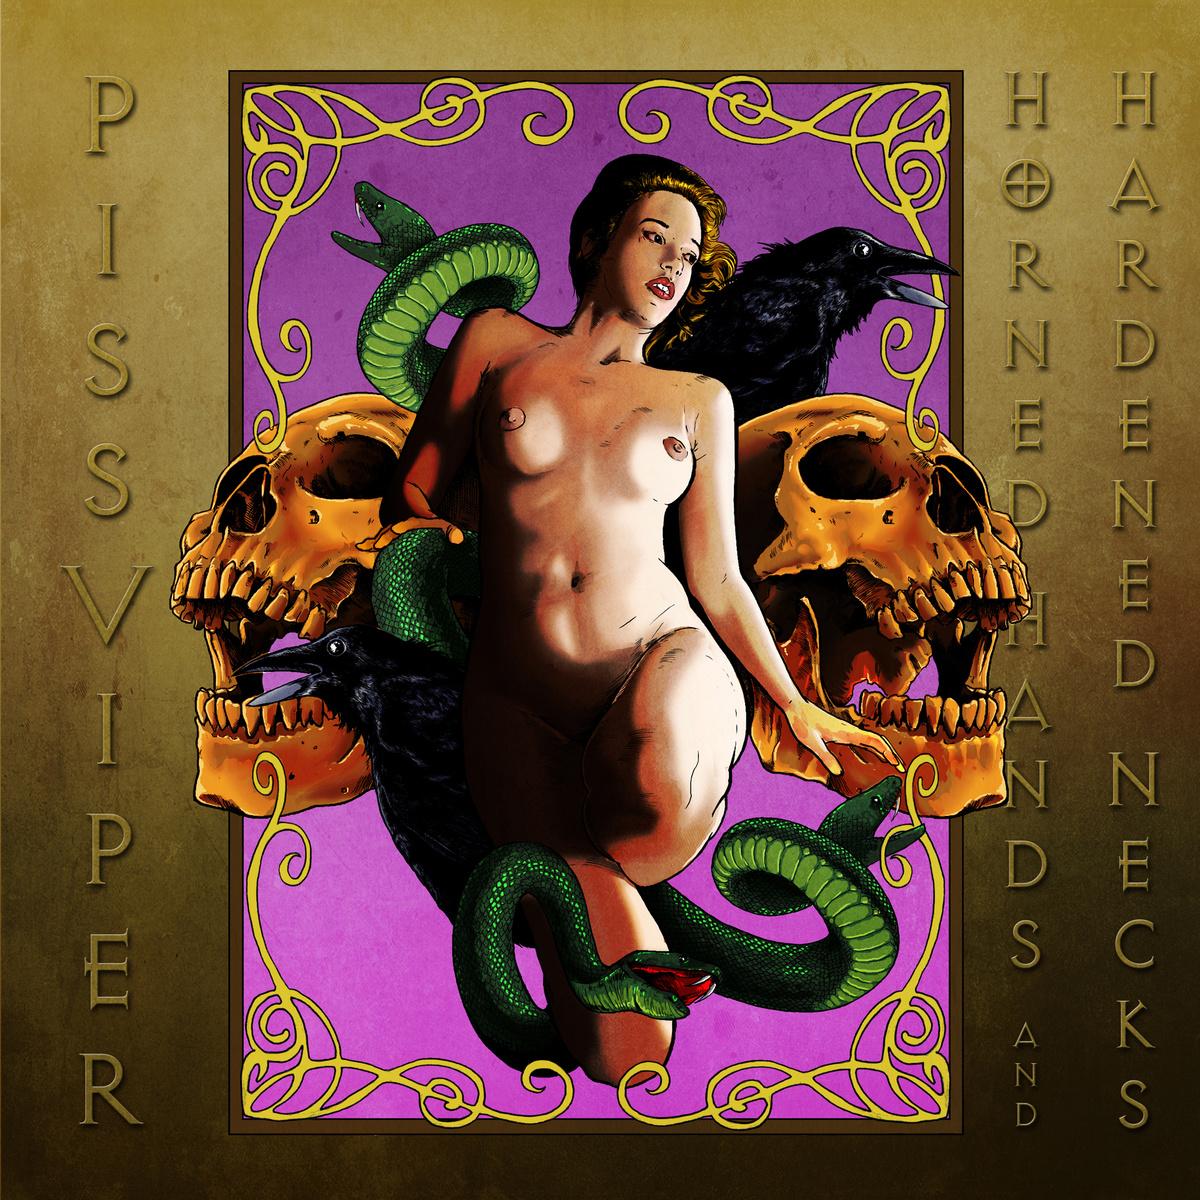 Piss Viper – Horned Hands and Hardened Necks